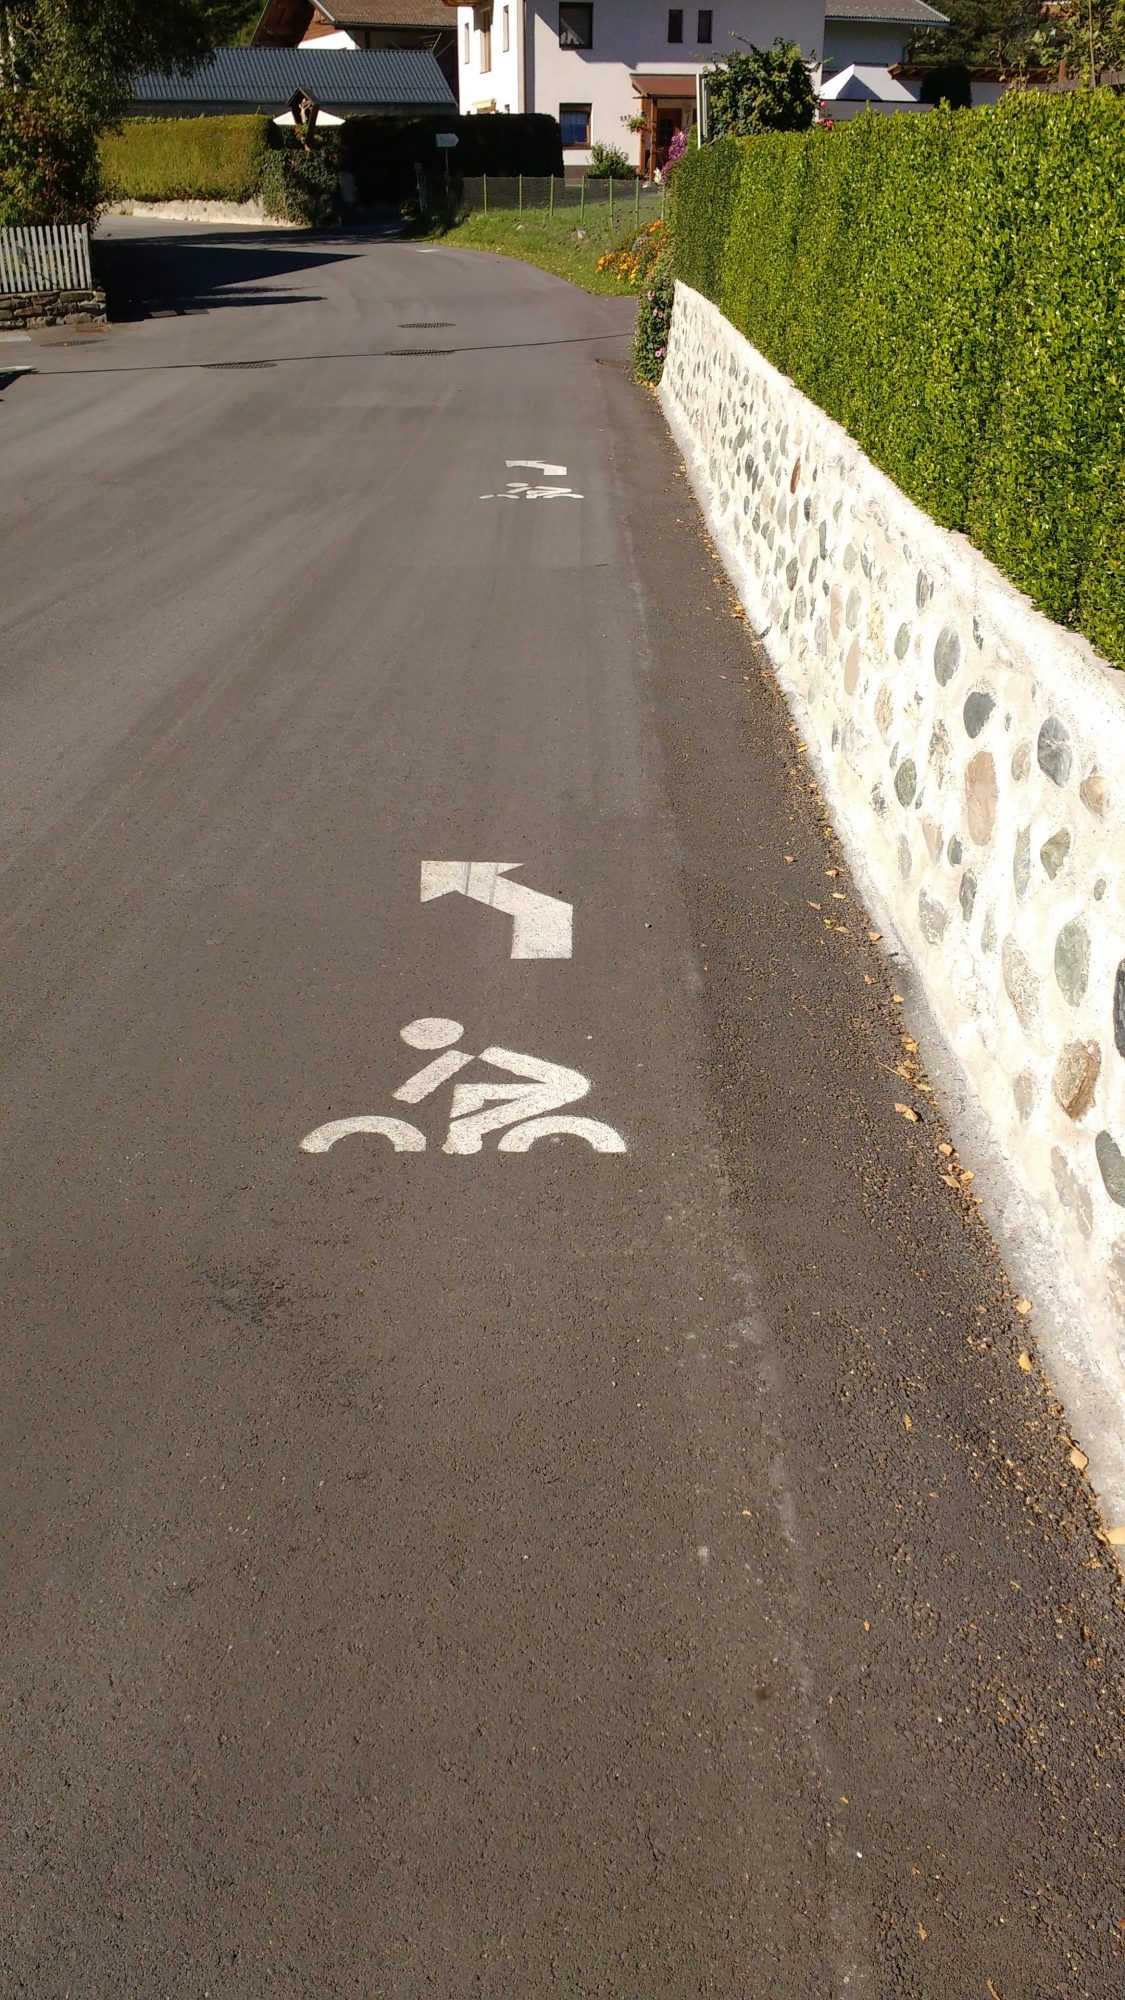 Richtungspfeile auf der Straße